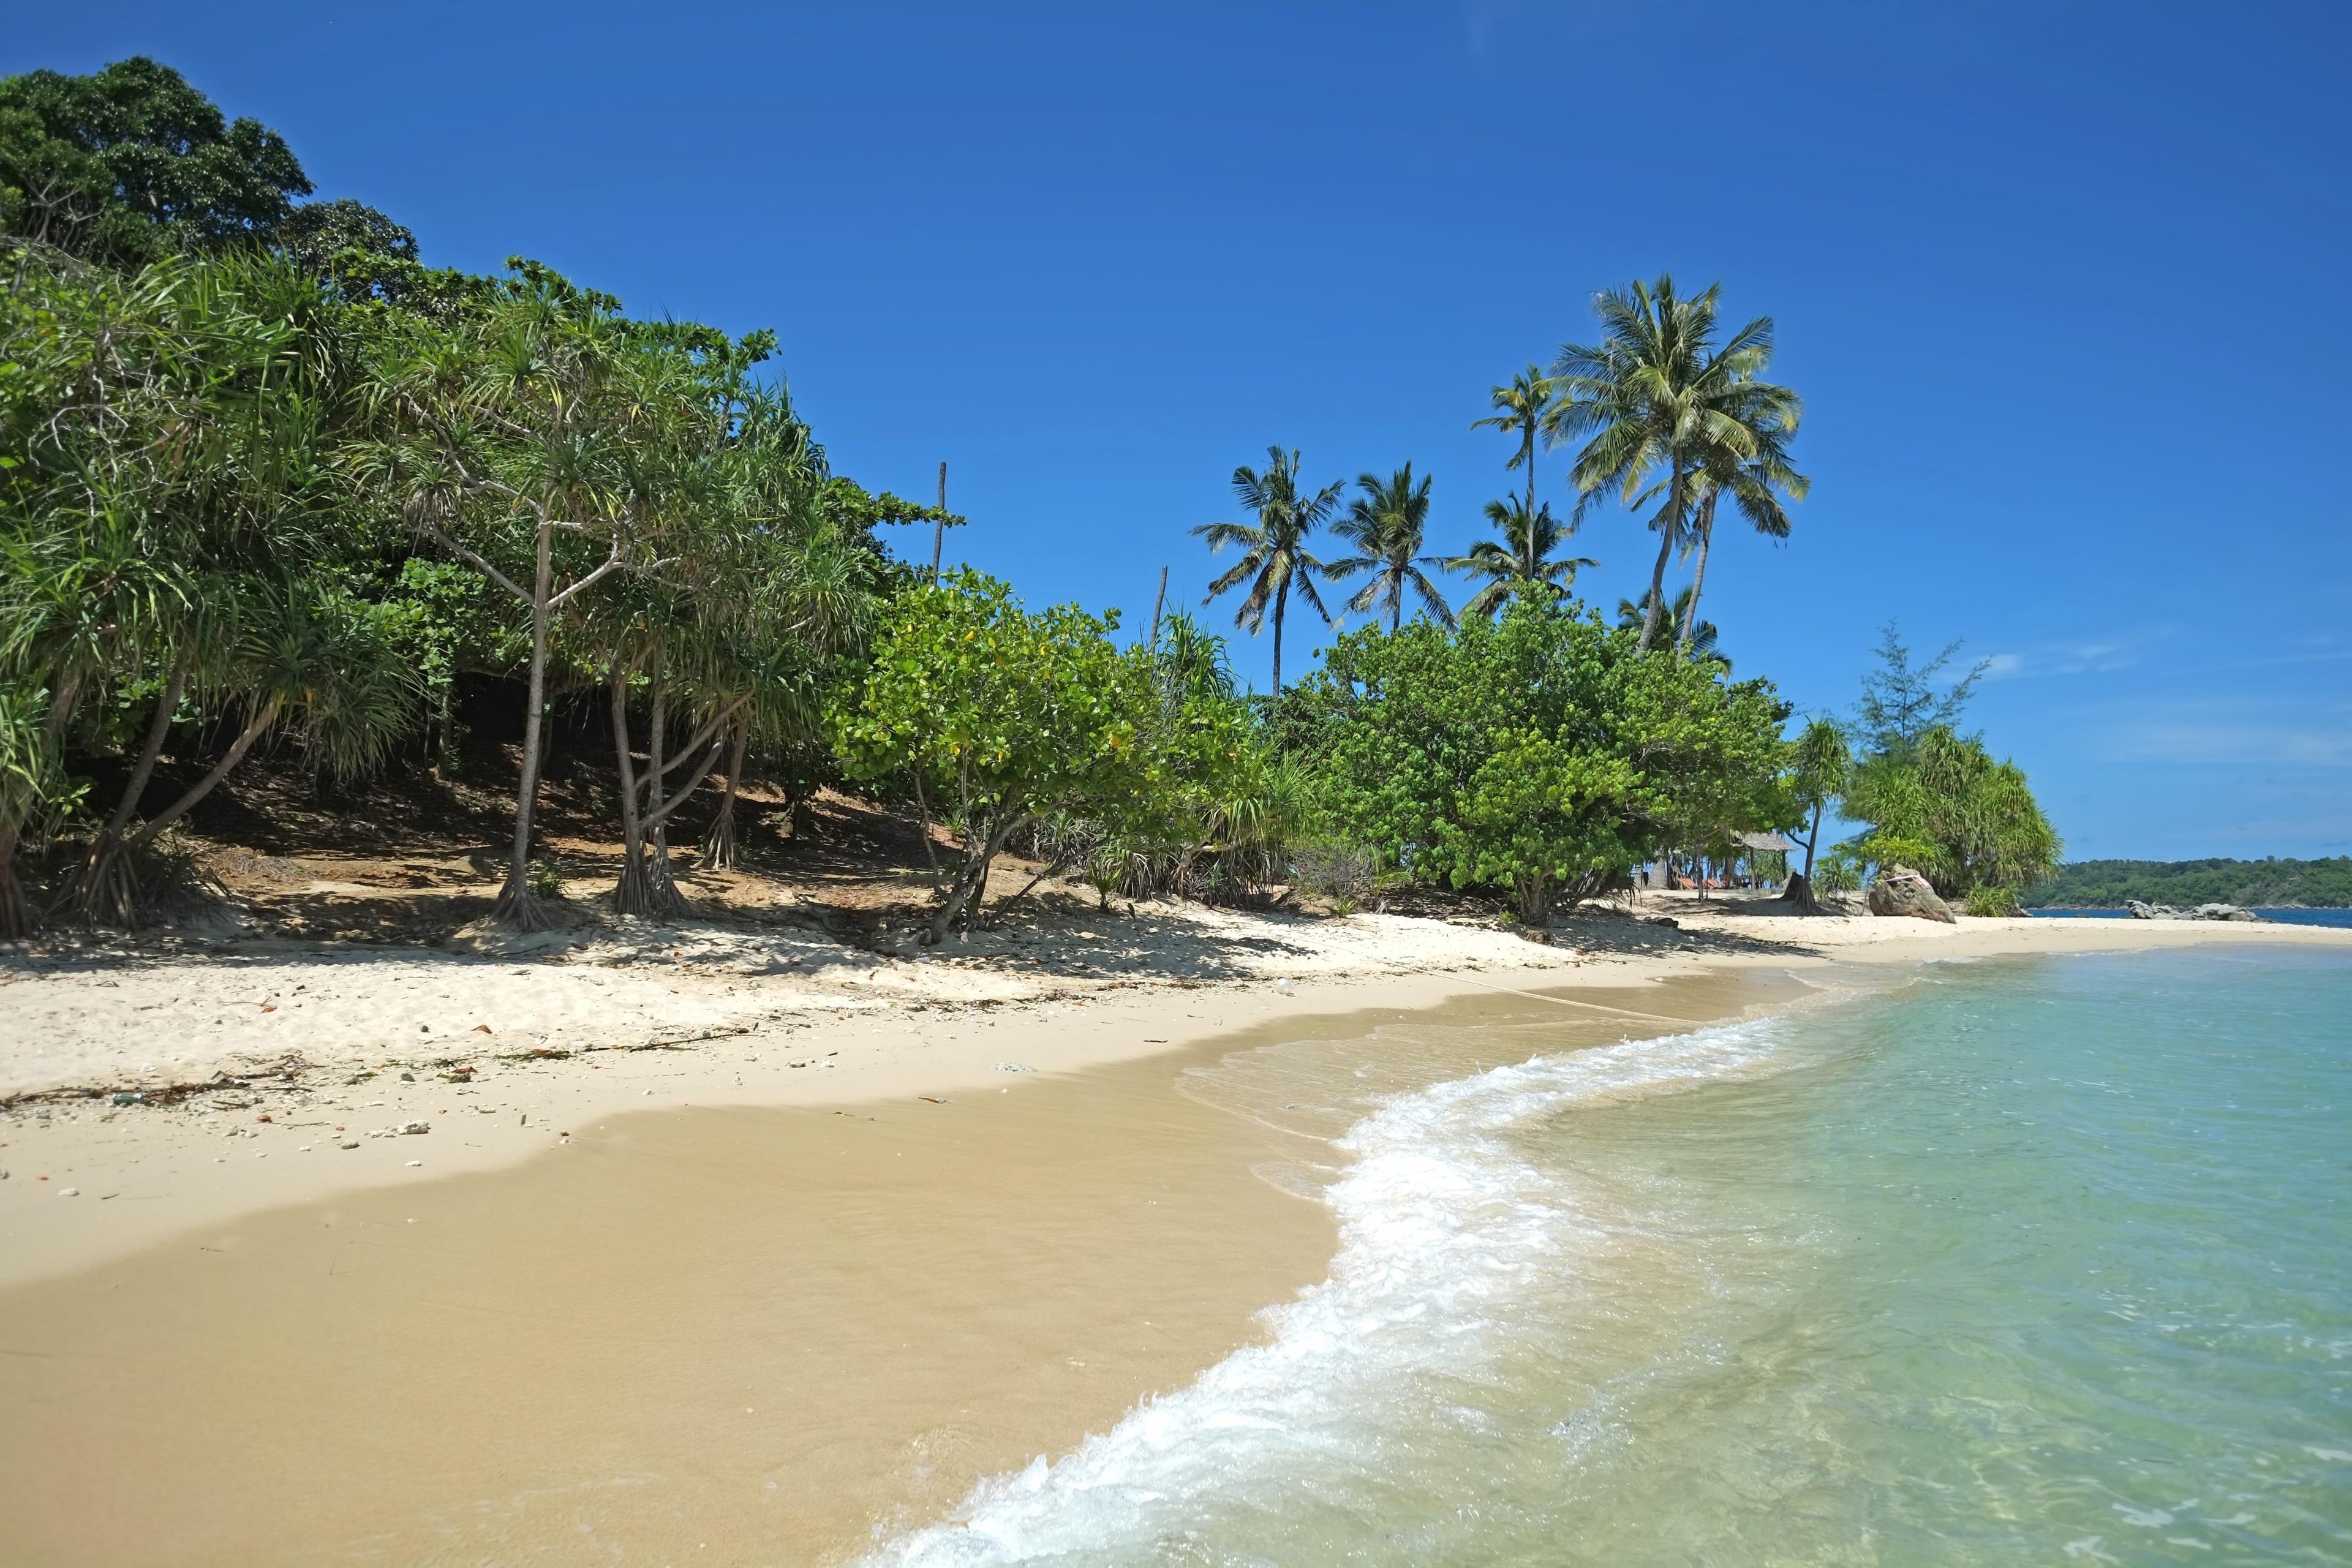 ใกล้ชิดธรรมชาติและเพลิดเพลินกับกิจกรรมกลางแจ้งที่ เกาะบอน เมื่อมีทริปไป ราไวย์ เดินเล่นชมบรรยากาศชายหาดได้ในย่านที่โรแมนติกแห่งนี้